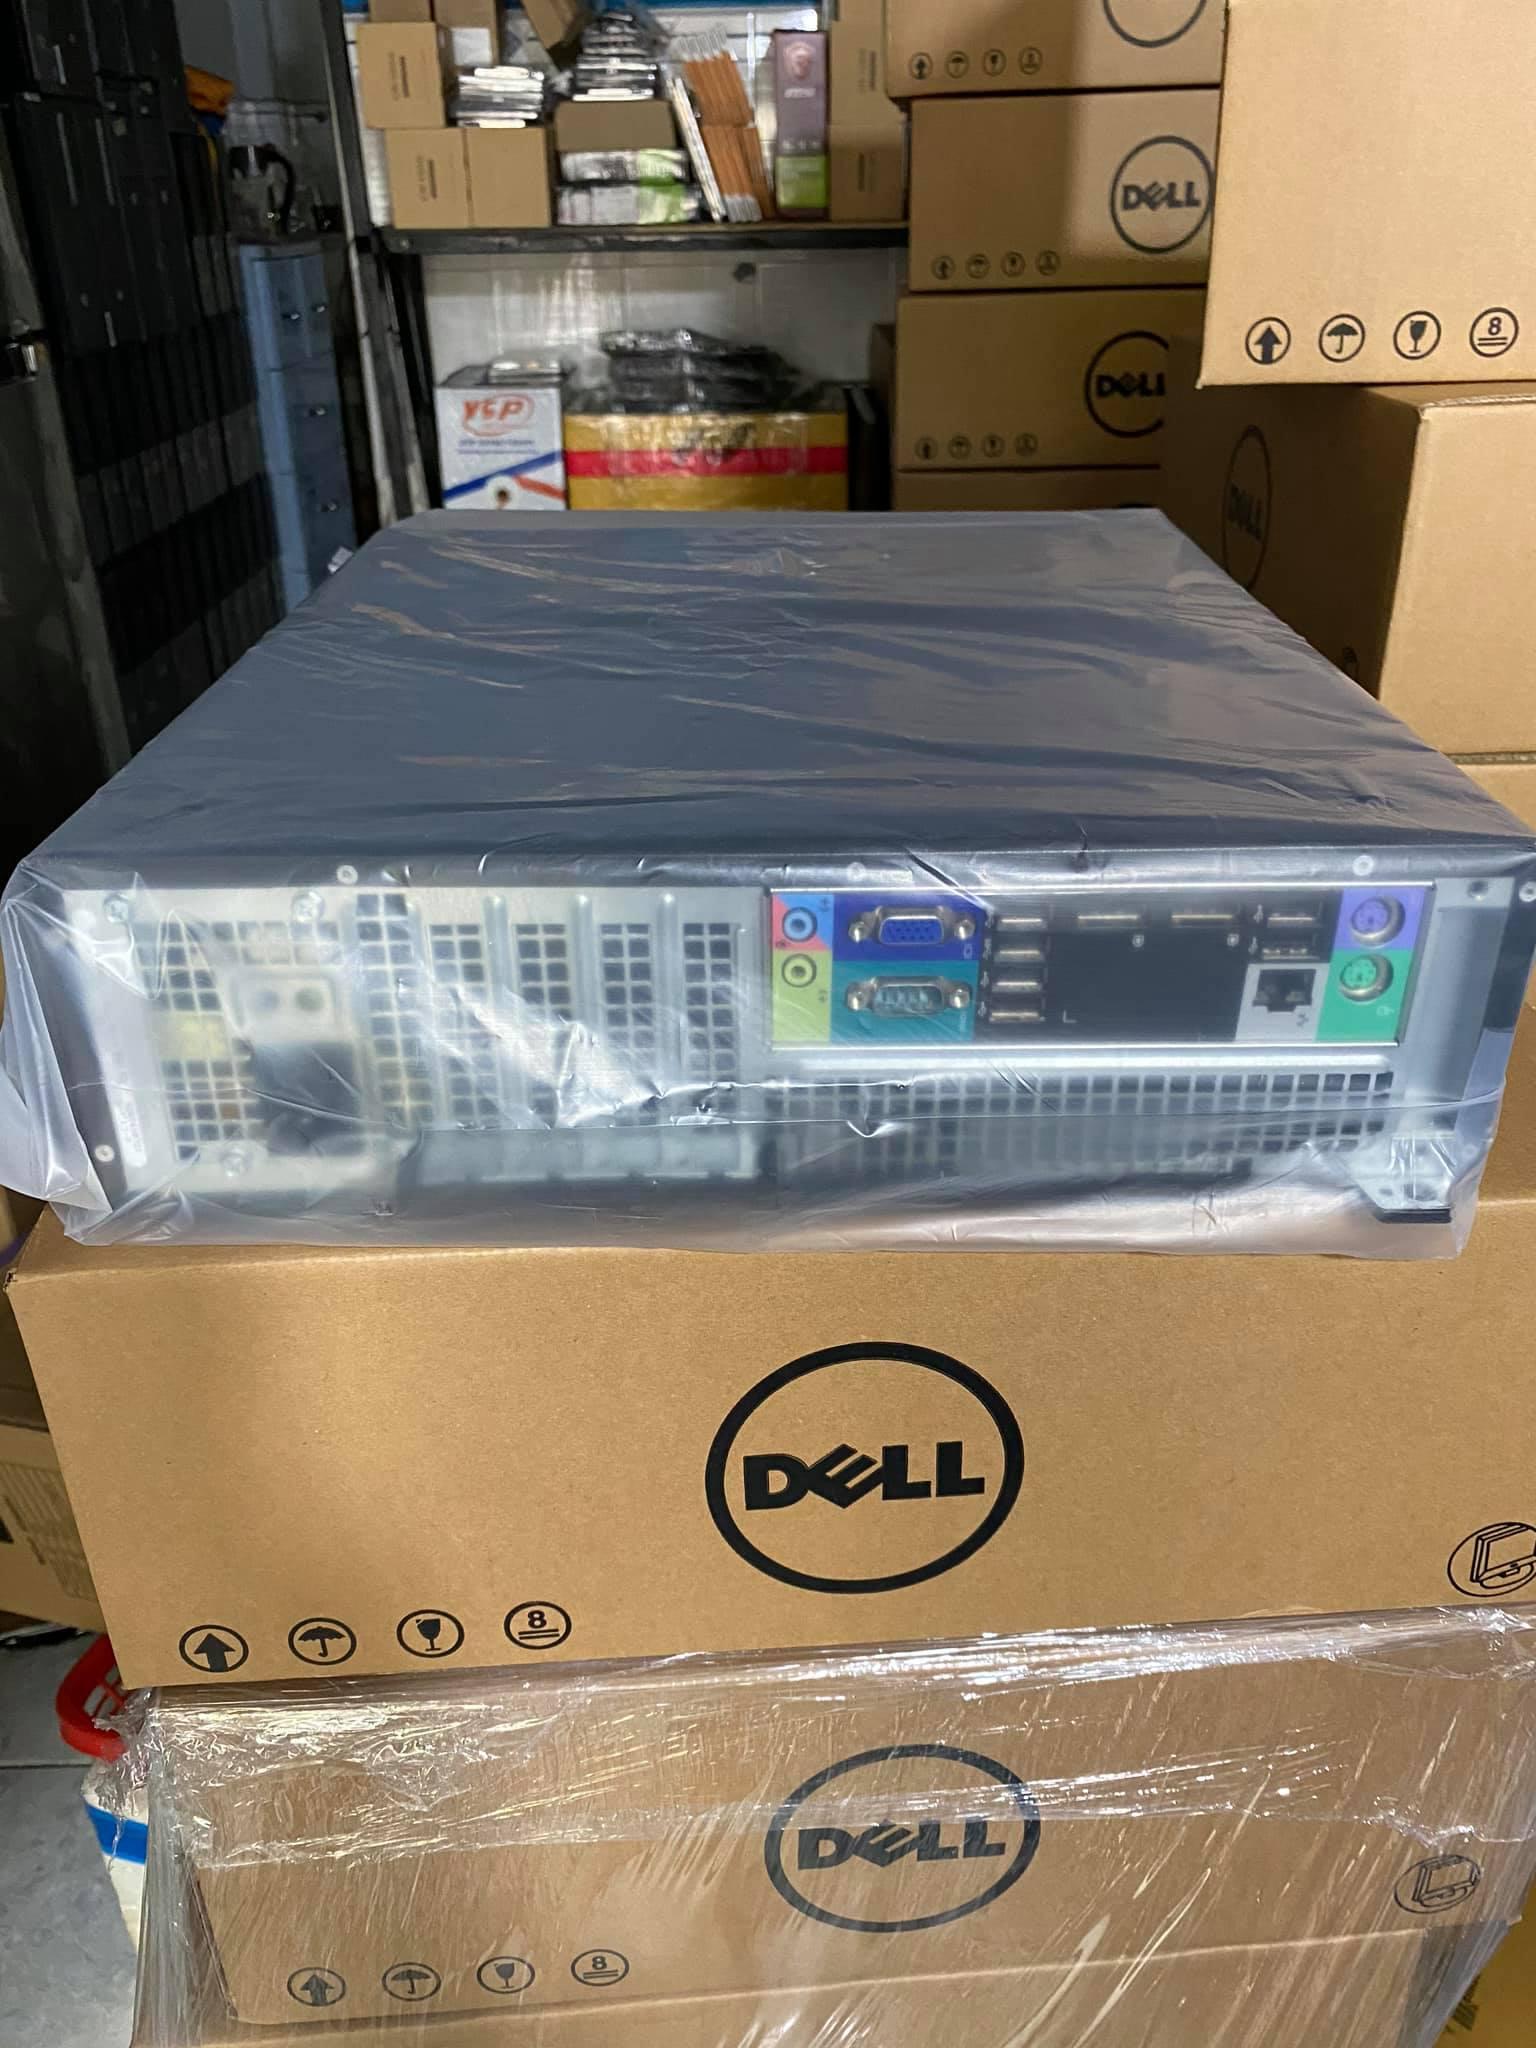 Dell 7010DT, rinew fullbox i5 3470, 4gb,ssd 120gb chuyên văn phòng